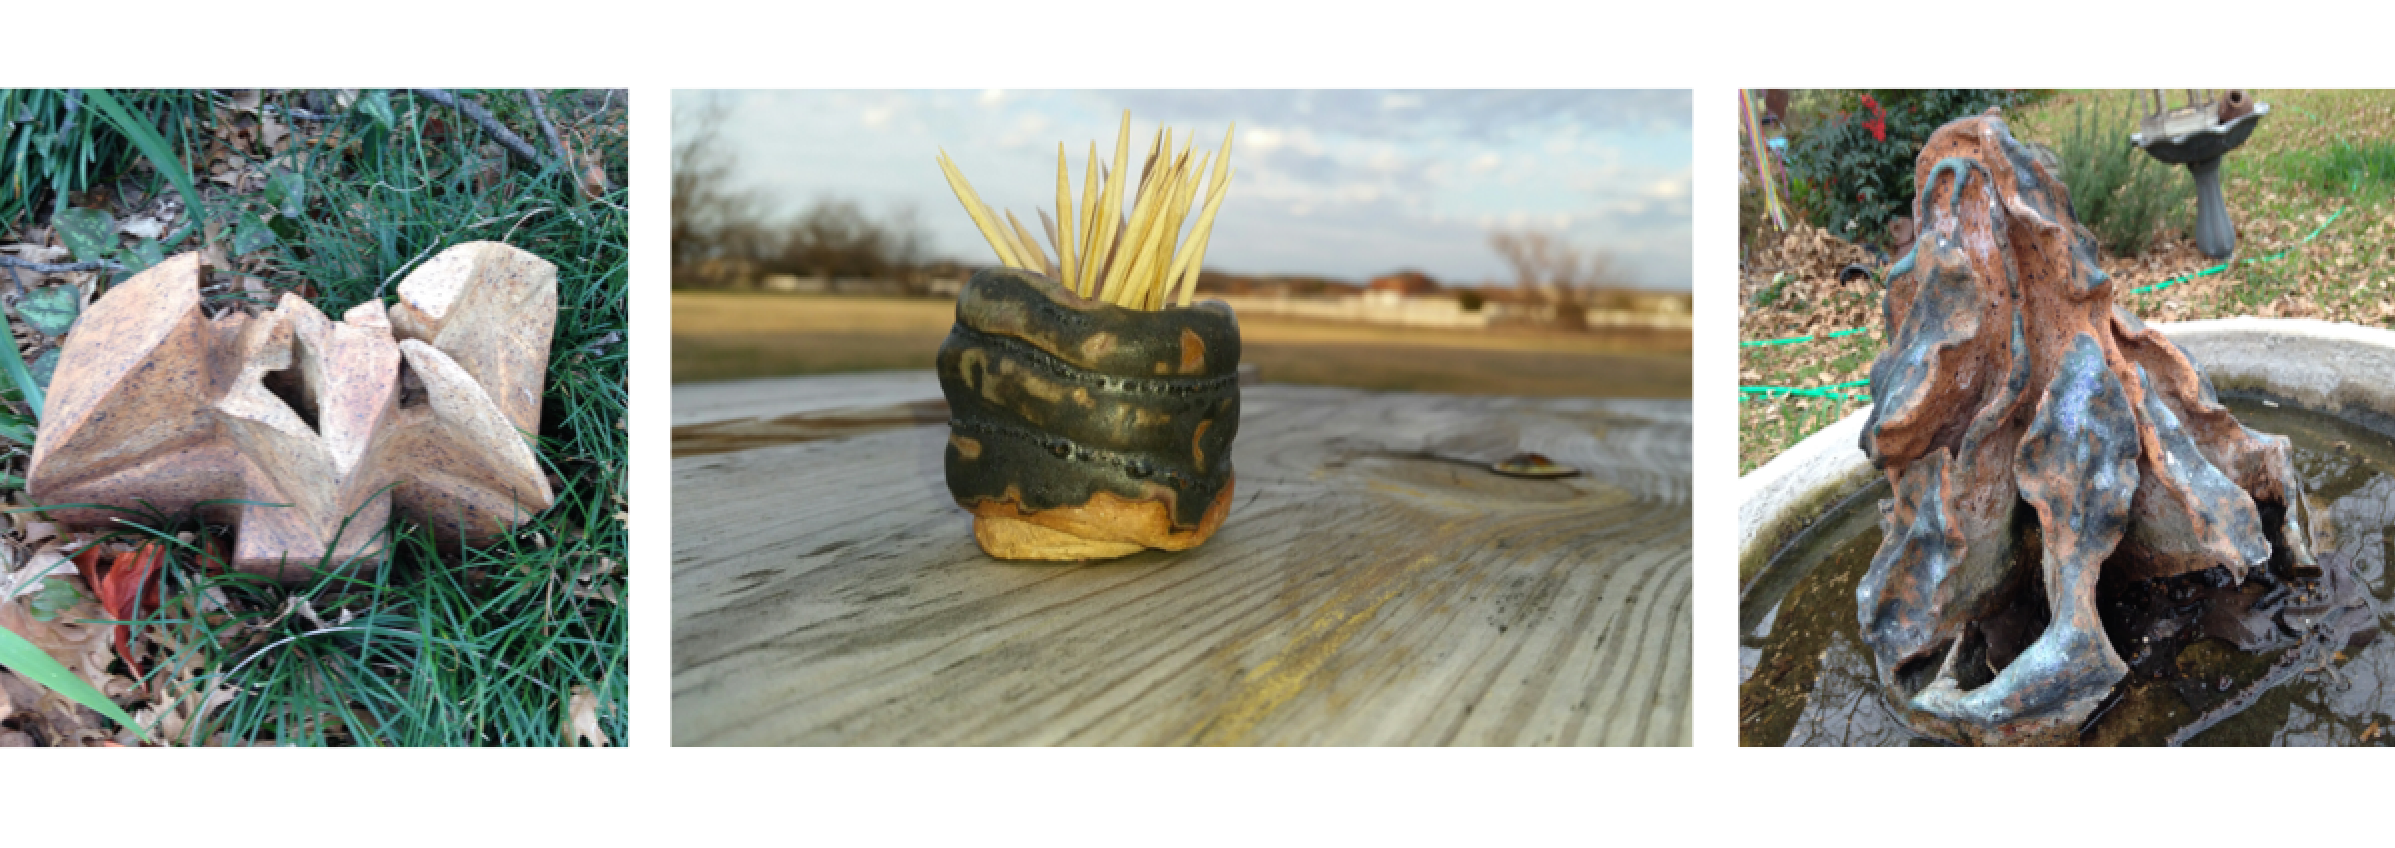 Raku fired handbuilt ceramic sculpture, handbuilt coil pot with dark glaze, and handbuilt ceramic sculpture with blue glaze in a bird bath by Christy Ann Watenpaugh